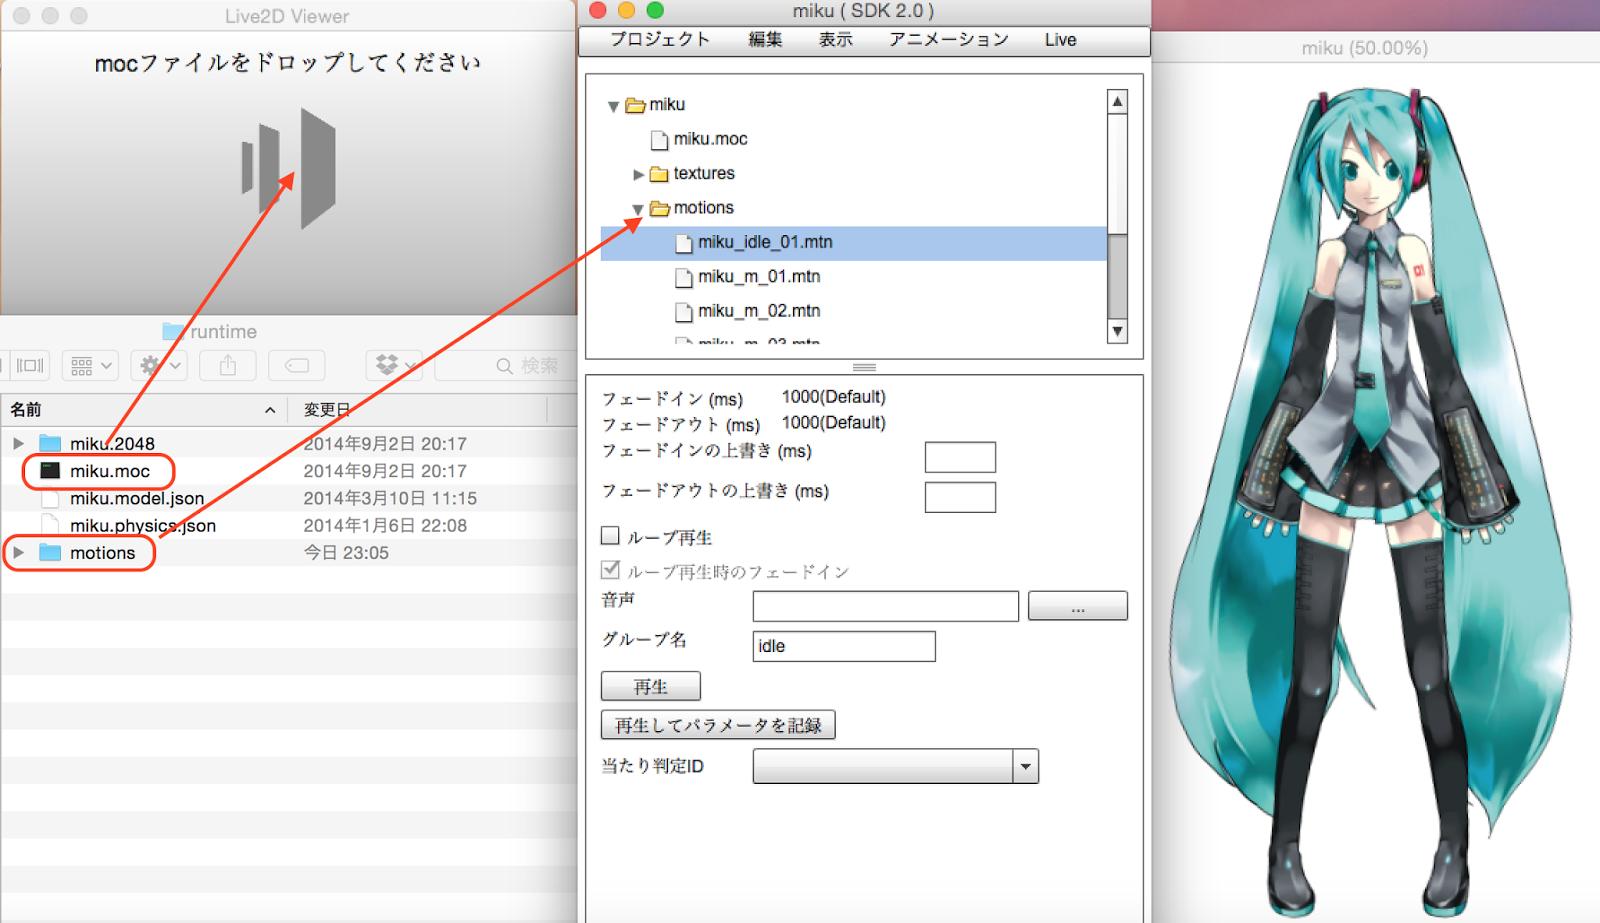 徒然なるままに: UnityでLive2Dを使ってみる with Mac(その1)